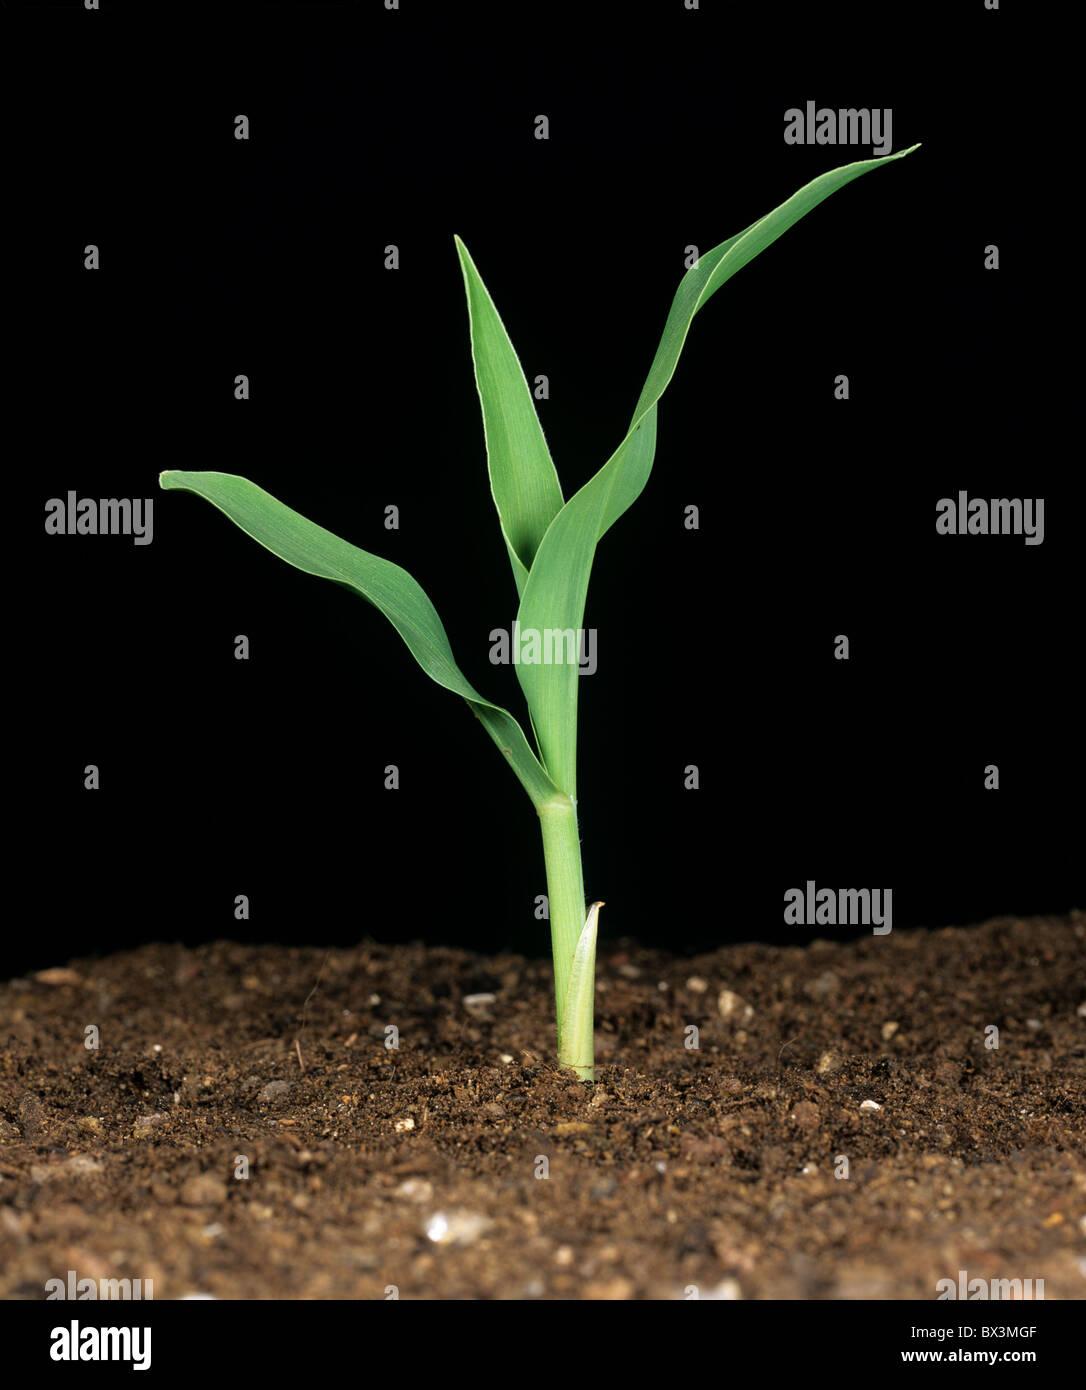 Les jeunes maïs, maïs, maïs sucré ou sur un fond noir Photo Stock